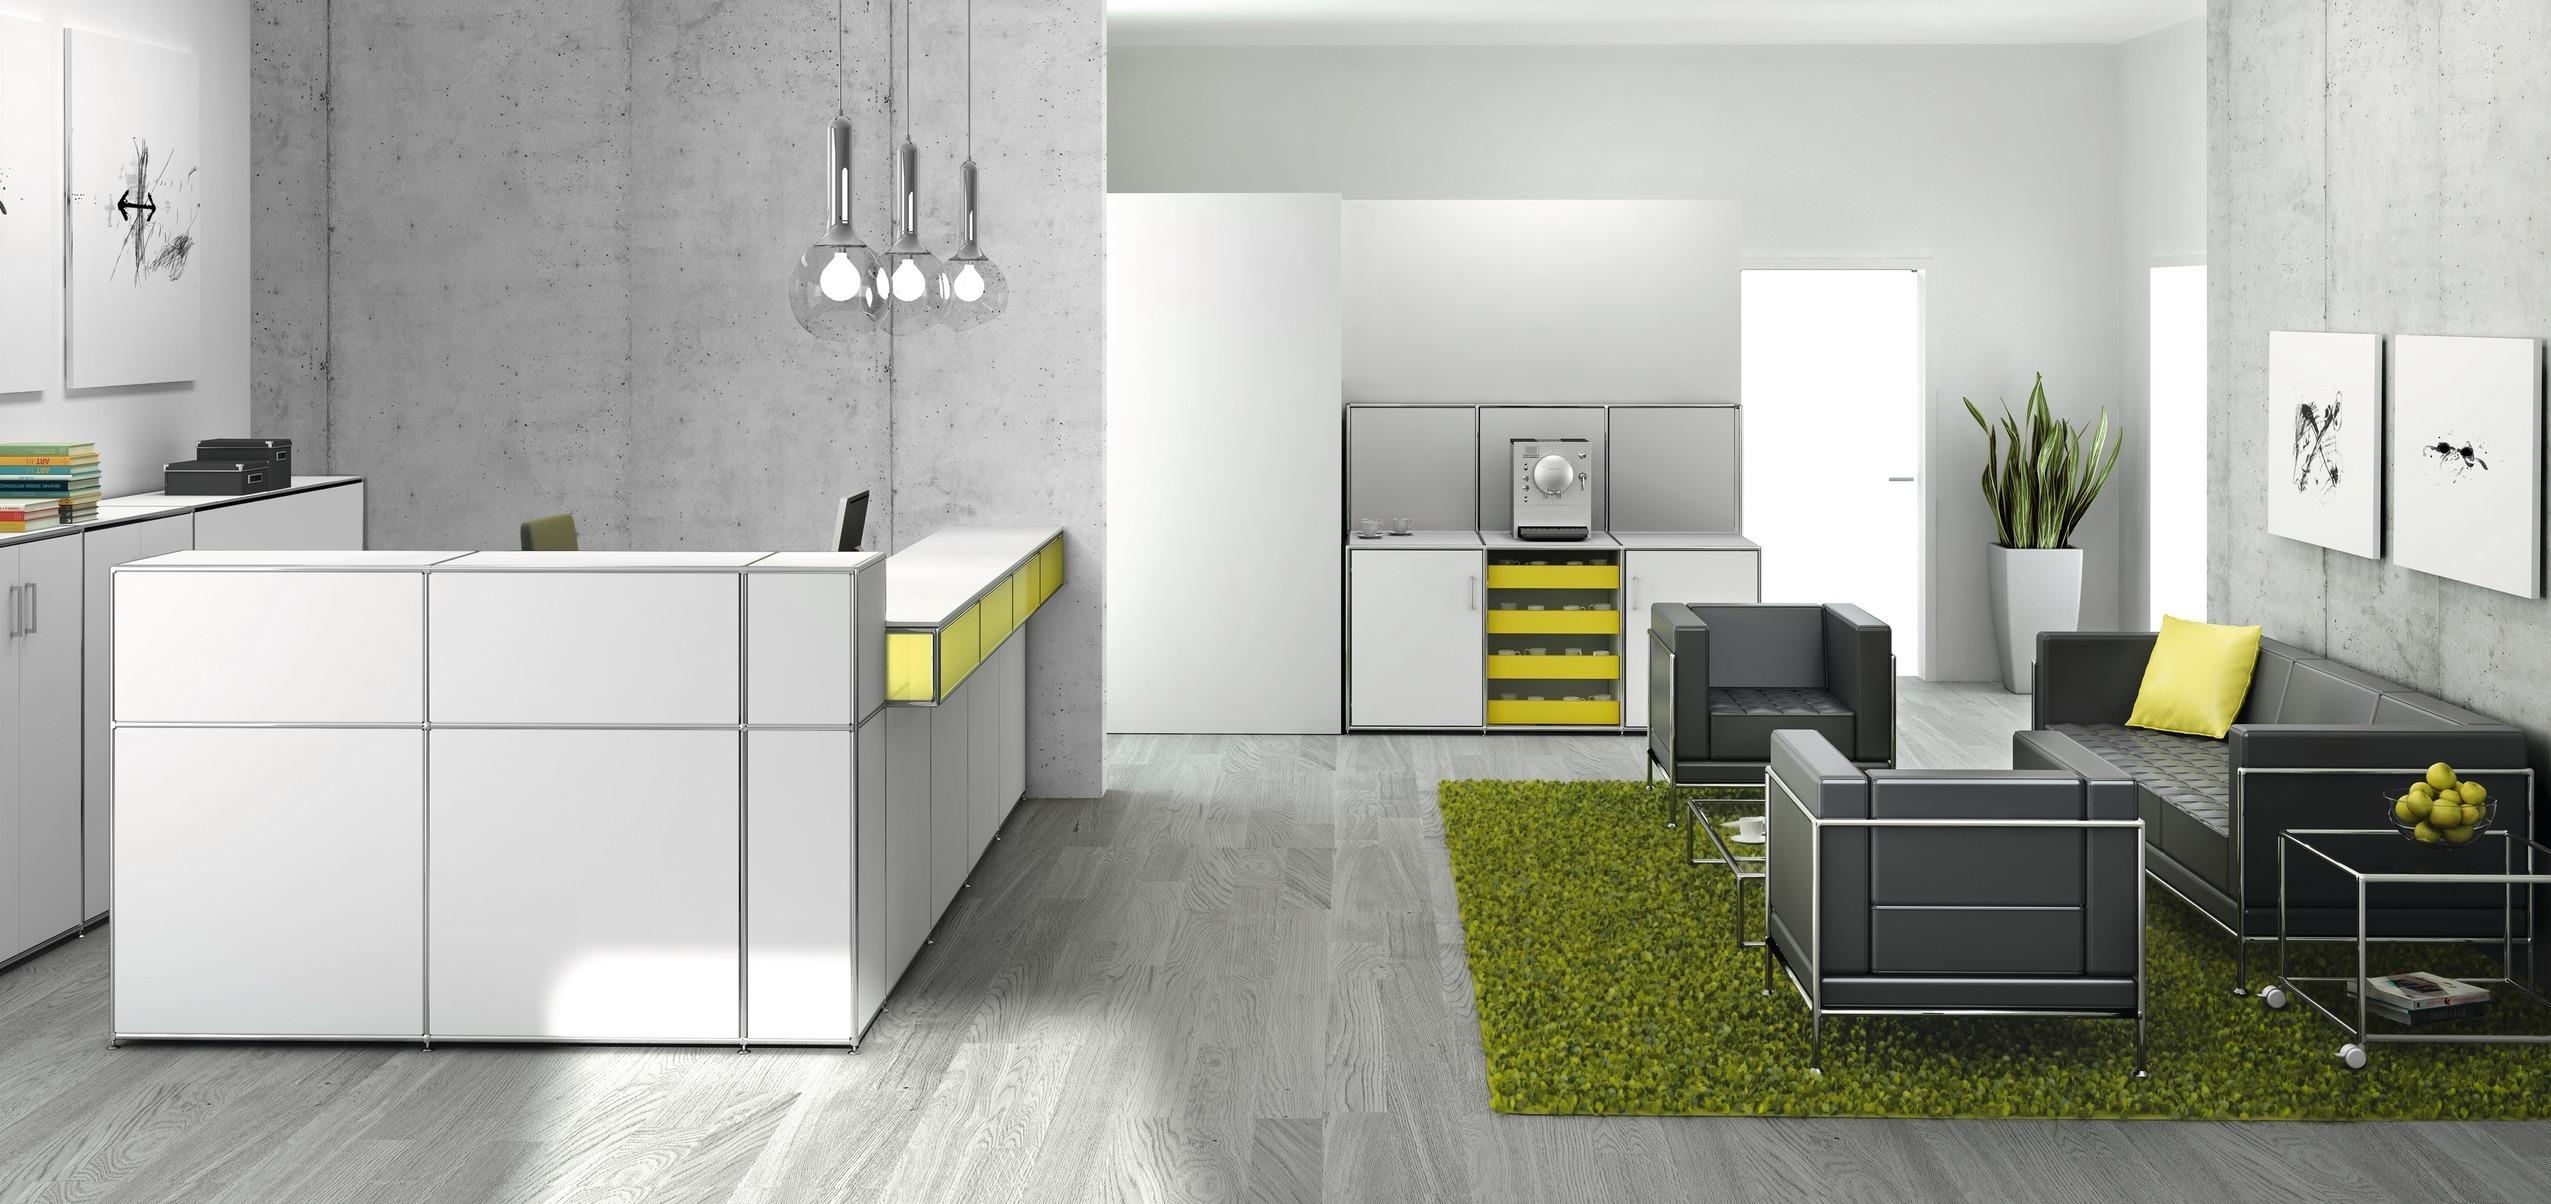 innenarchitekten in dortmund die zukunft des inhouse dortmund kundeninformation. Black Bedroom Furniture Sets. Home Design Ideas